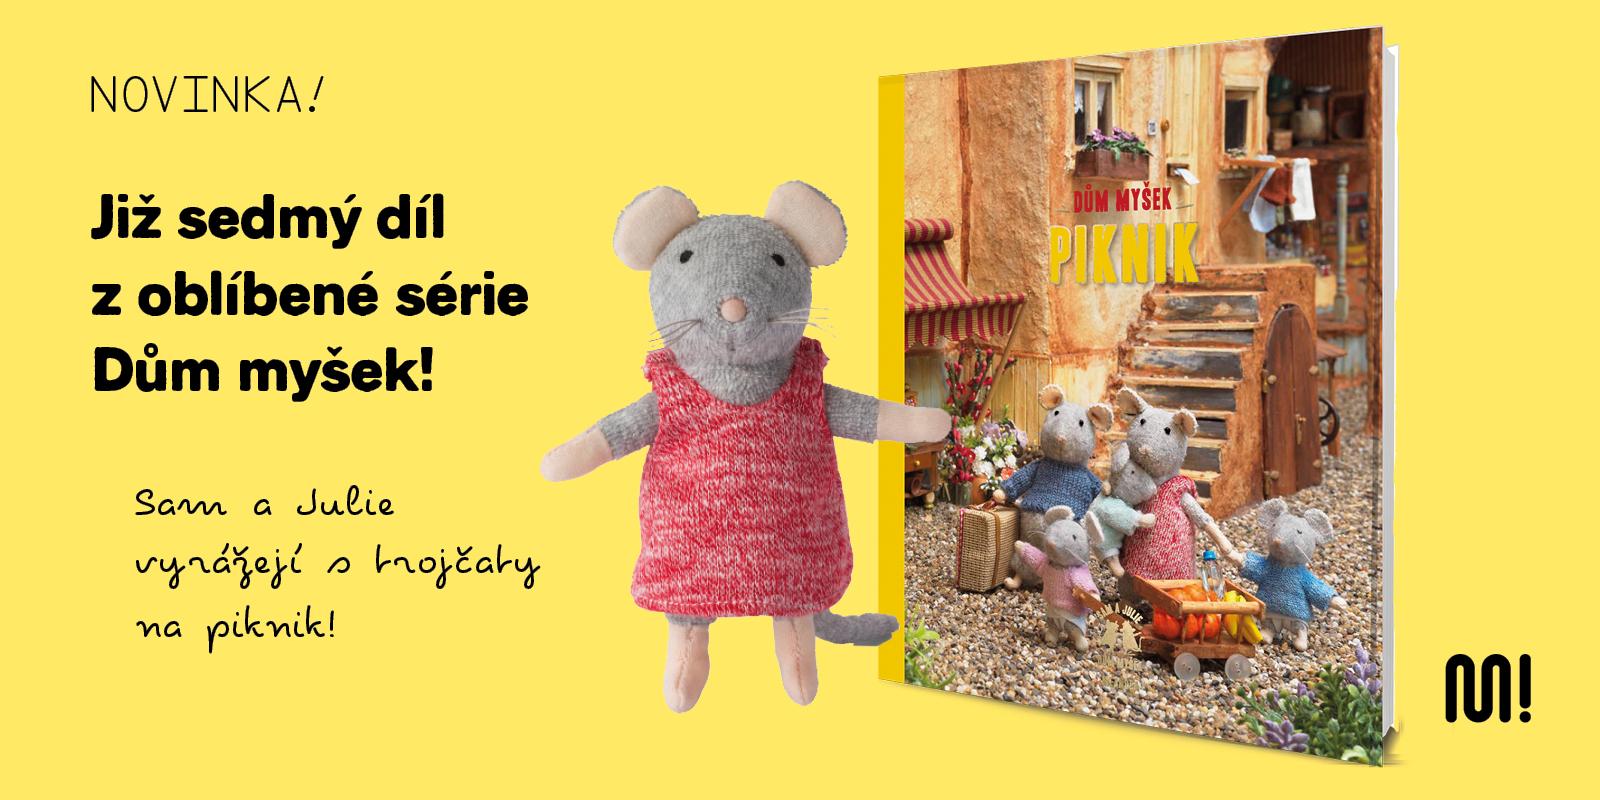 Dům myšek: Piknik